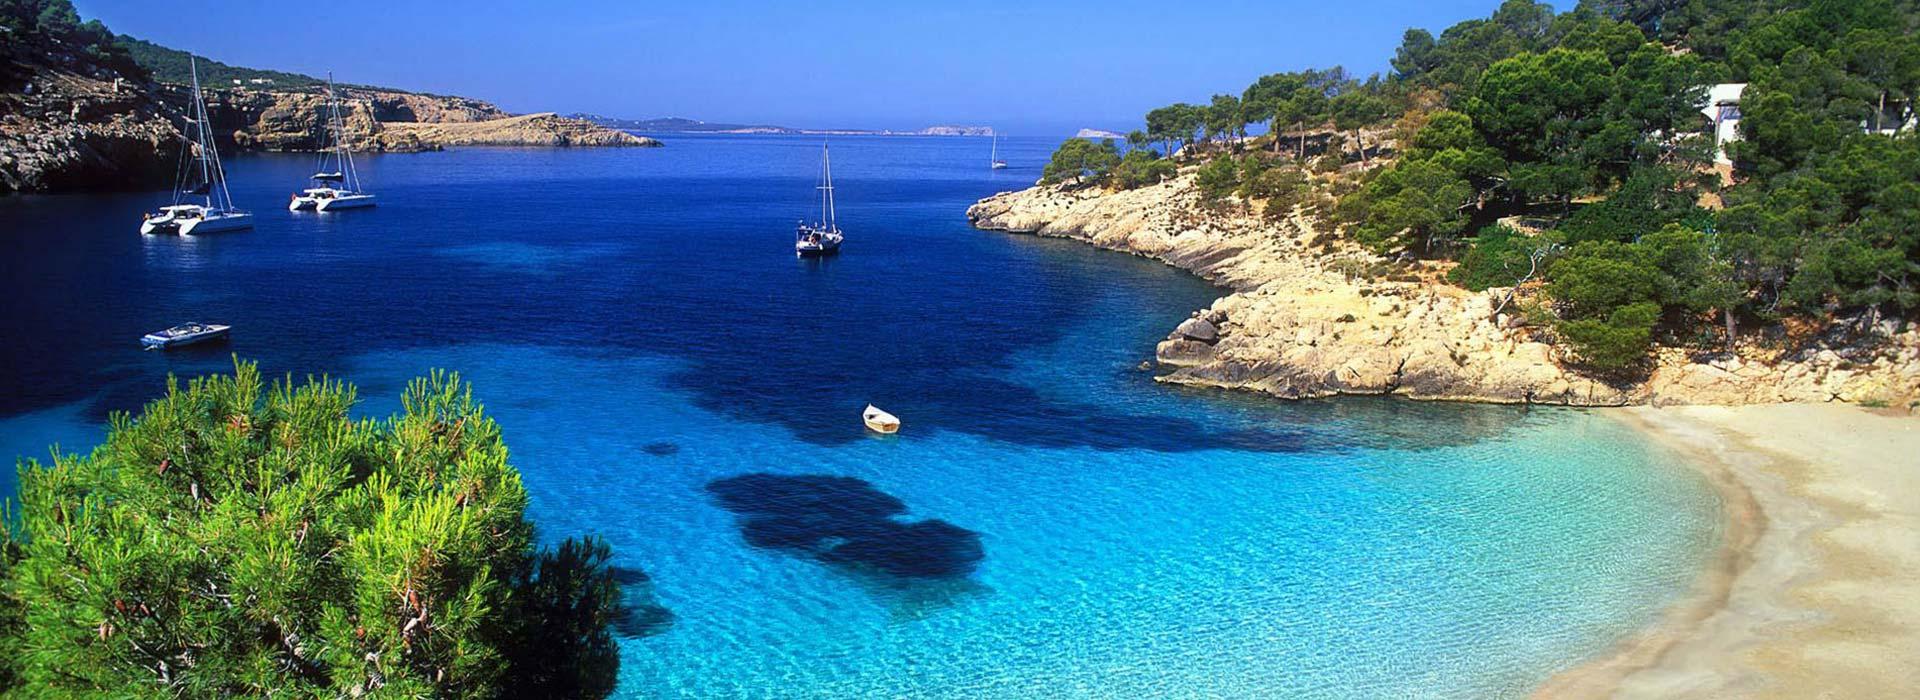 Tatil için Neden Kıbrıs'ı Tercih Etmelisiniz? - cage